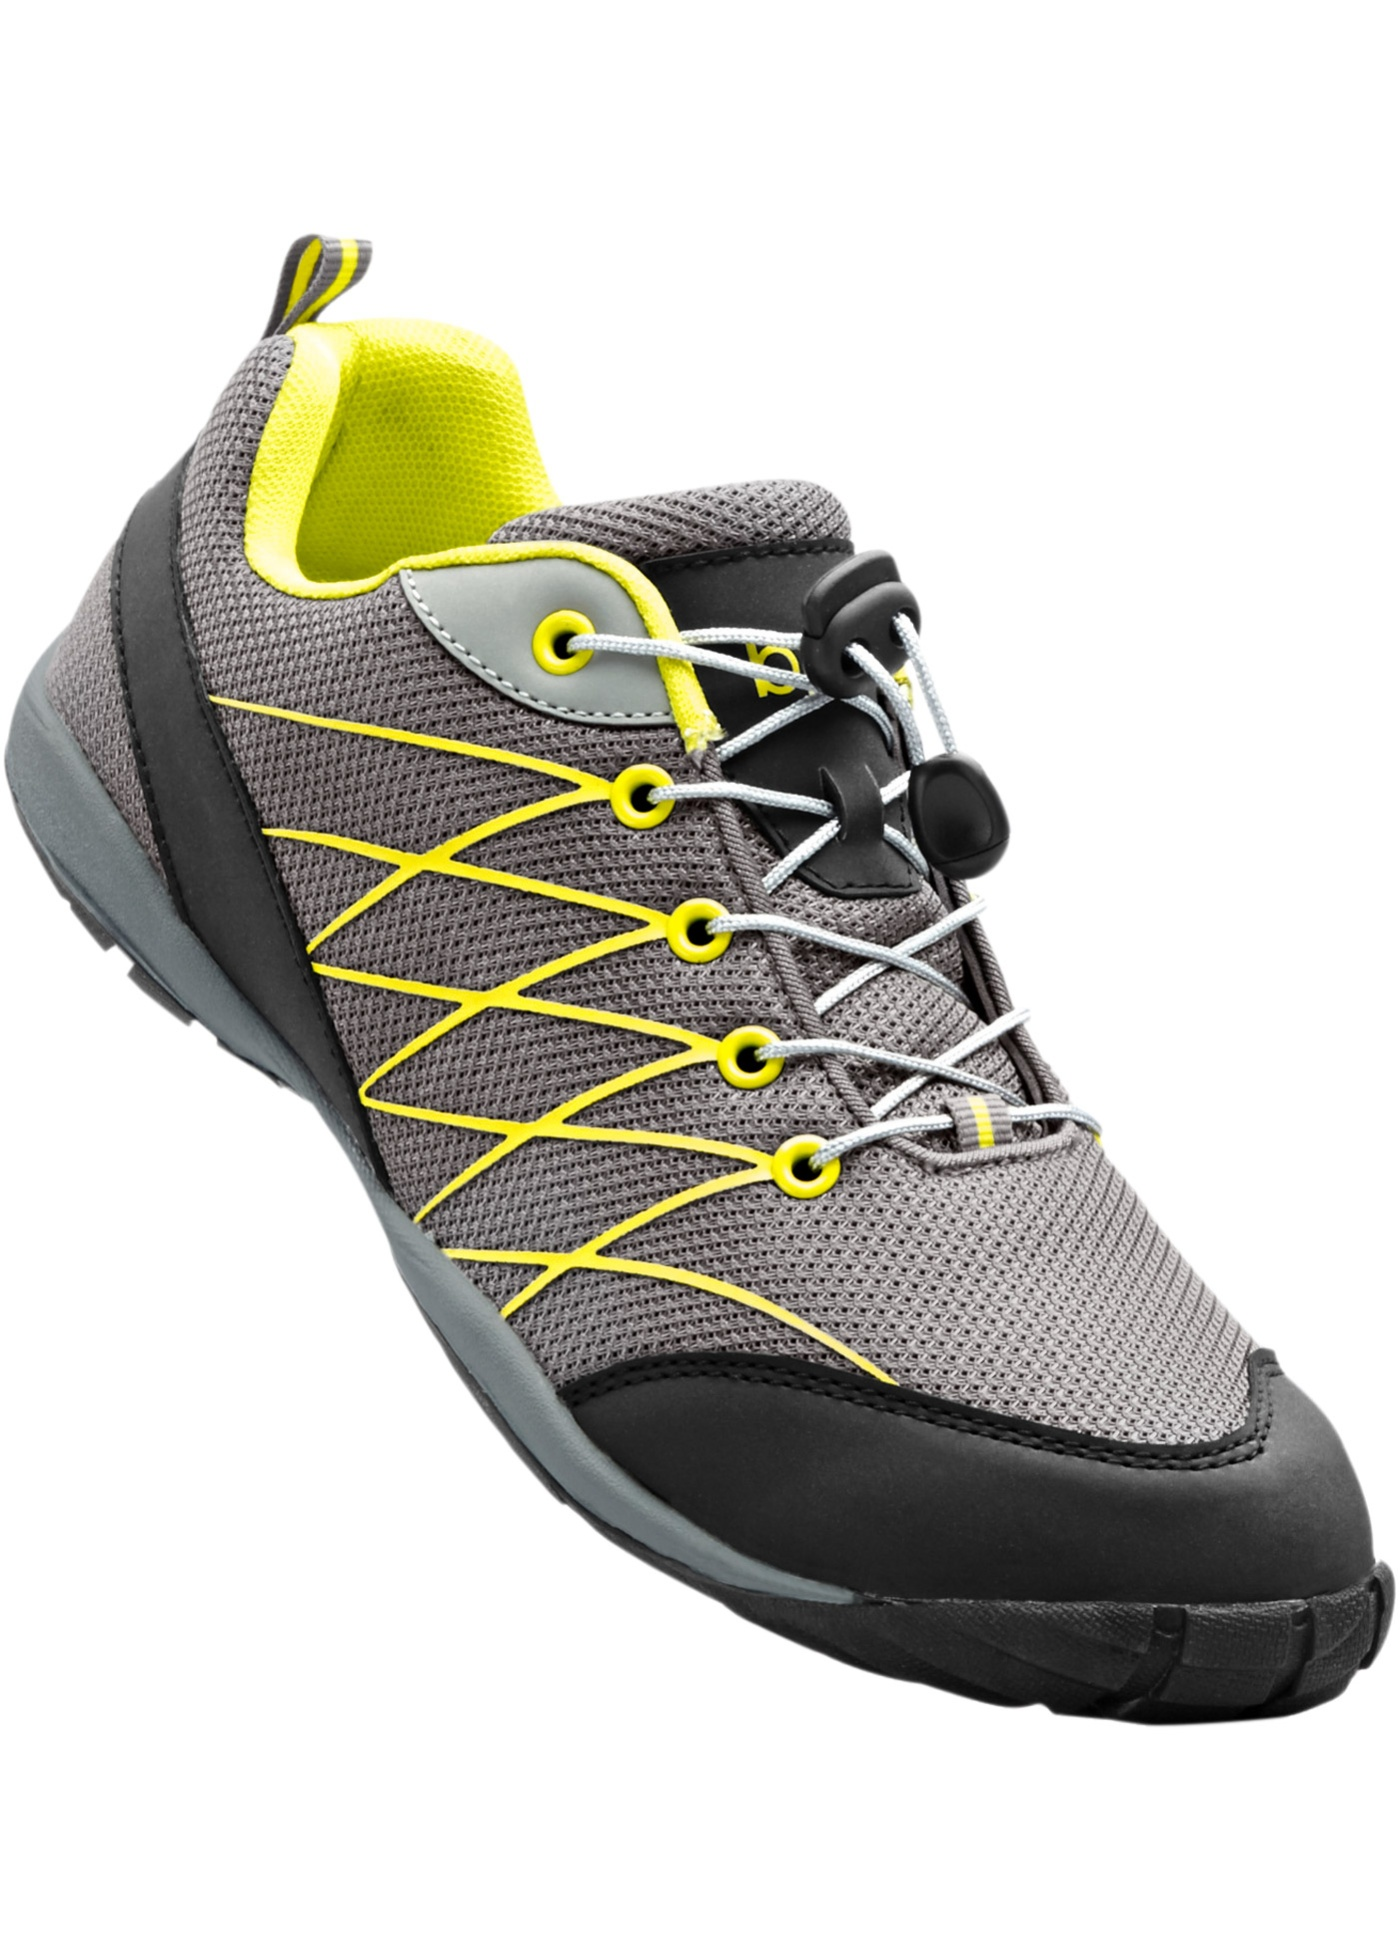 Chaussures de randonnée gris chaussures & accessoires - bonprix